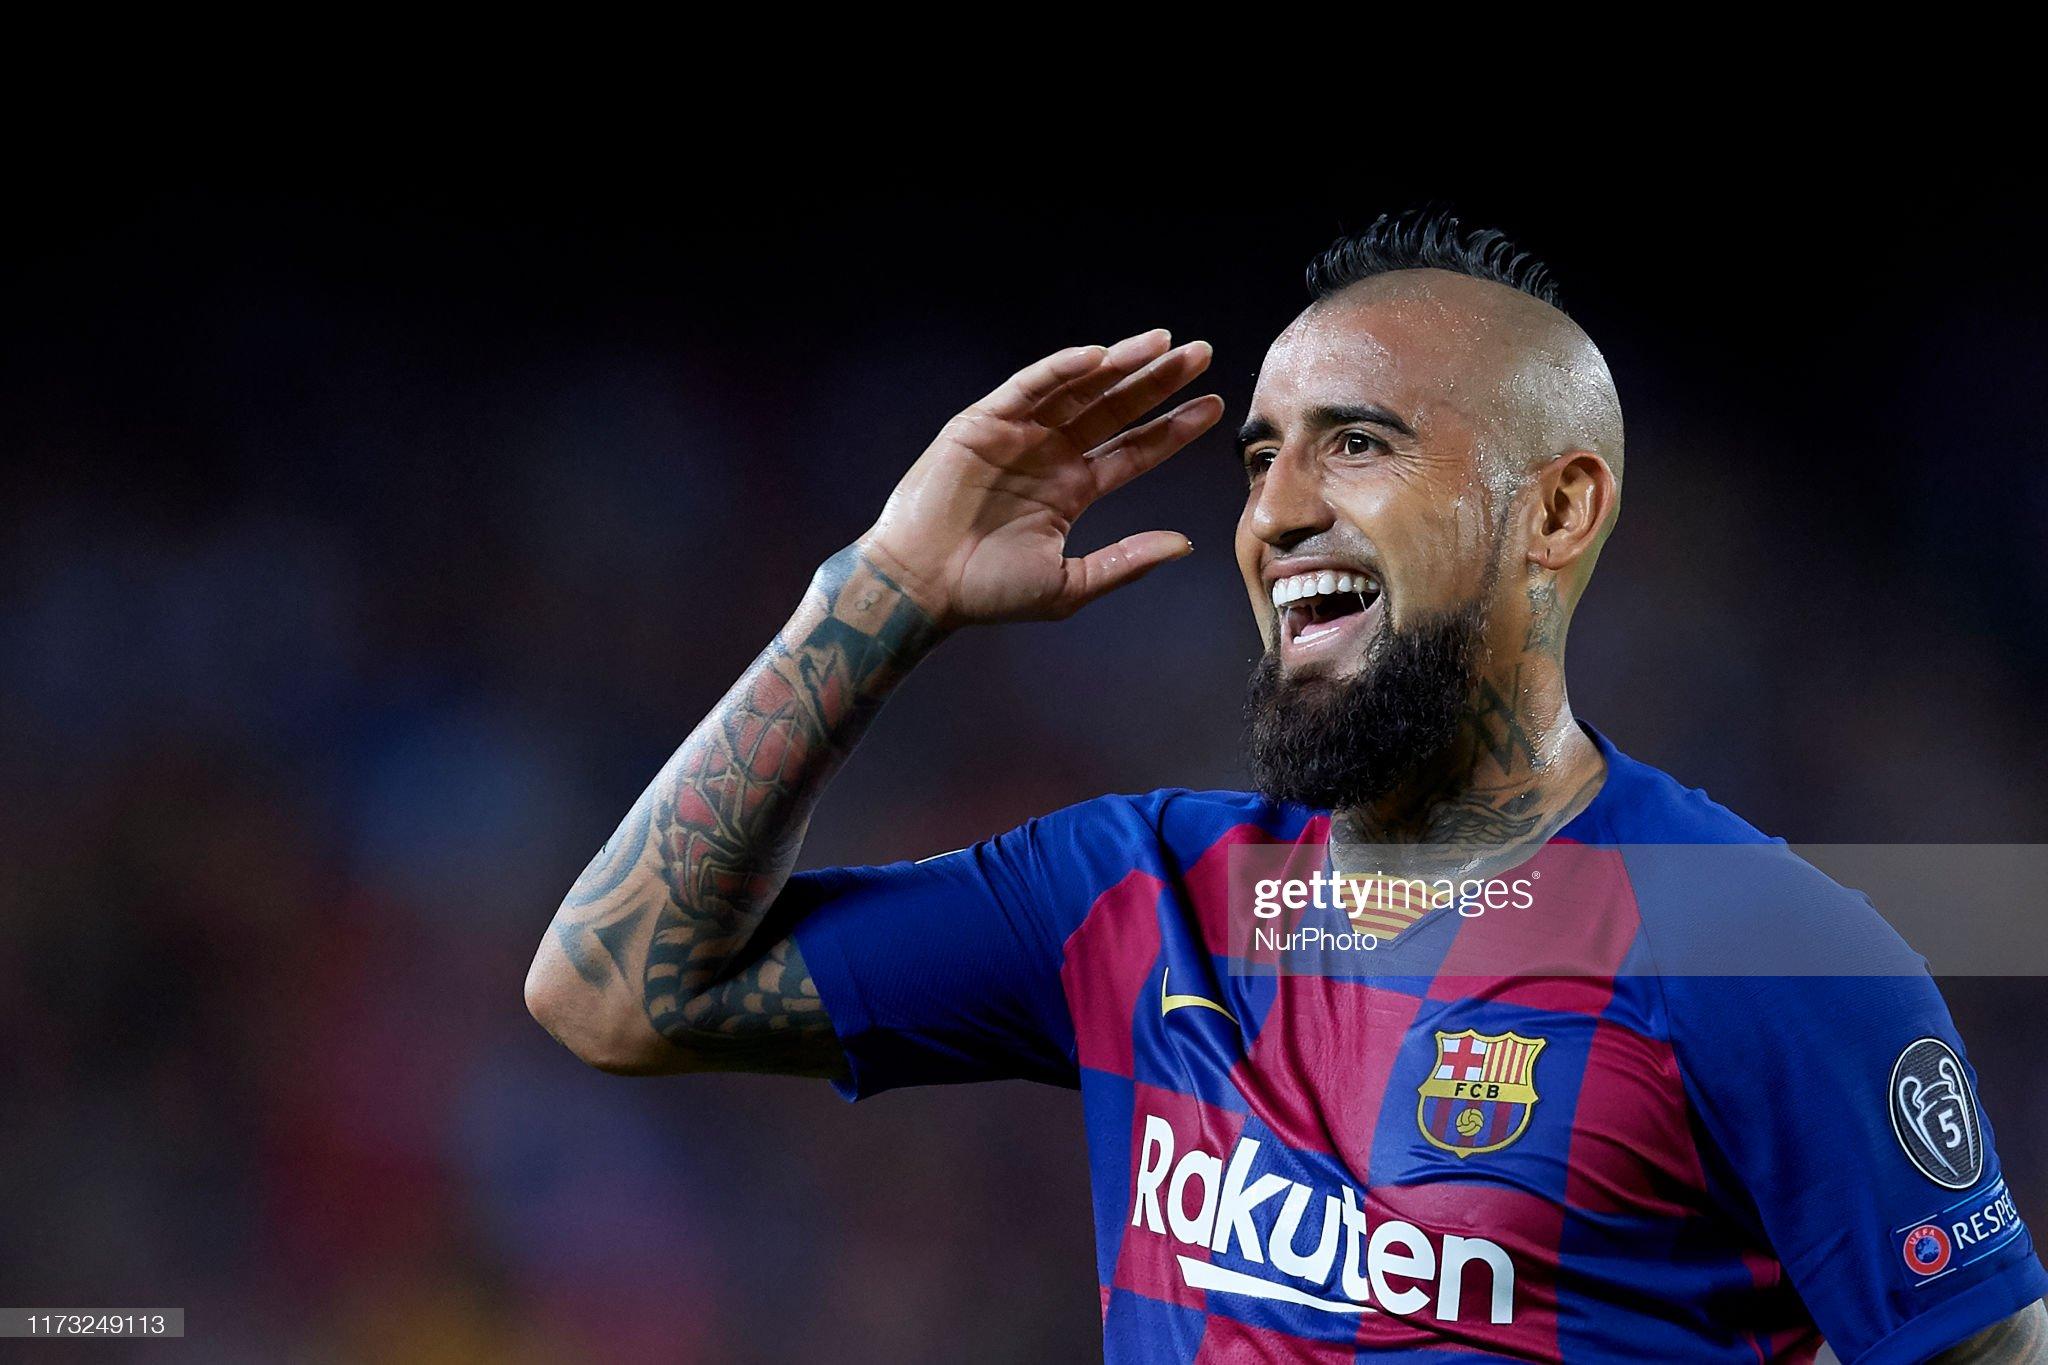 صور مباراة : برشلونة - إنتر 2-1 ( 02-10-2019 )  Arturo-vidal-of-barcelona-protests-the-referee-during-the-uefa-f-picture-id1173249113?s=2048x2048